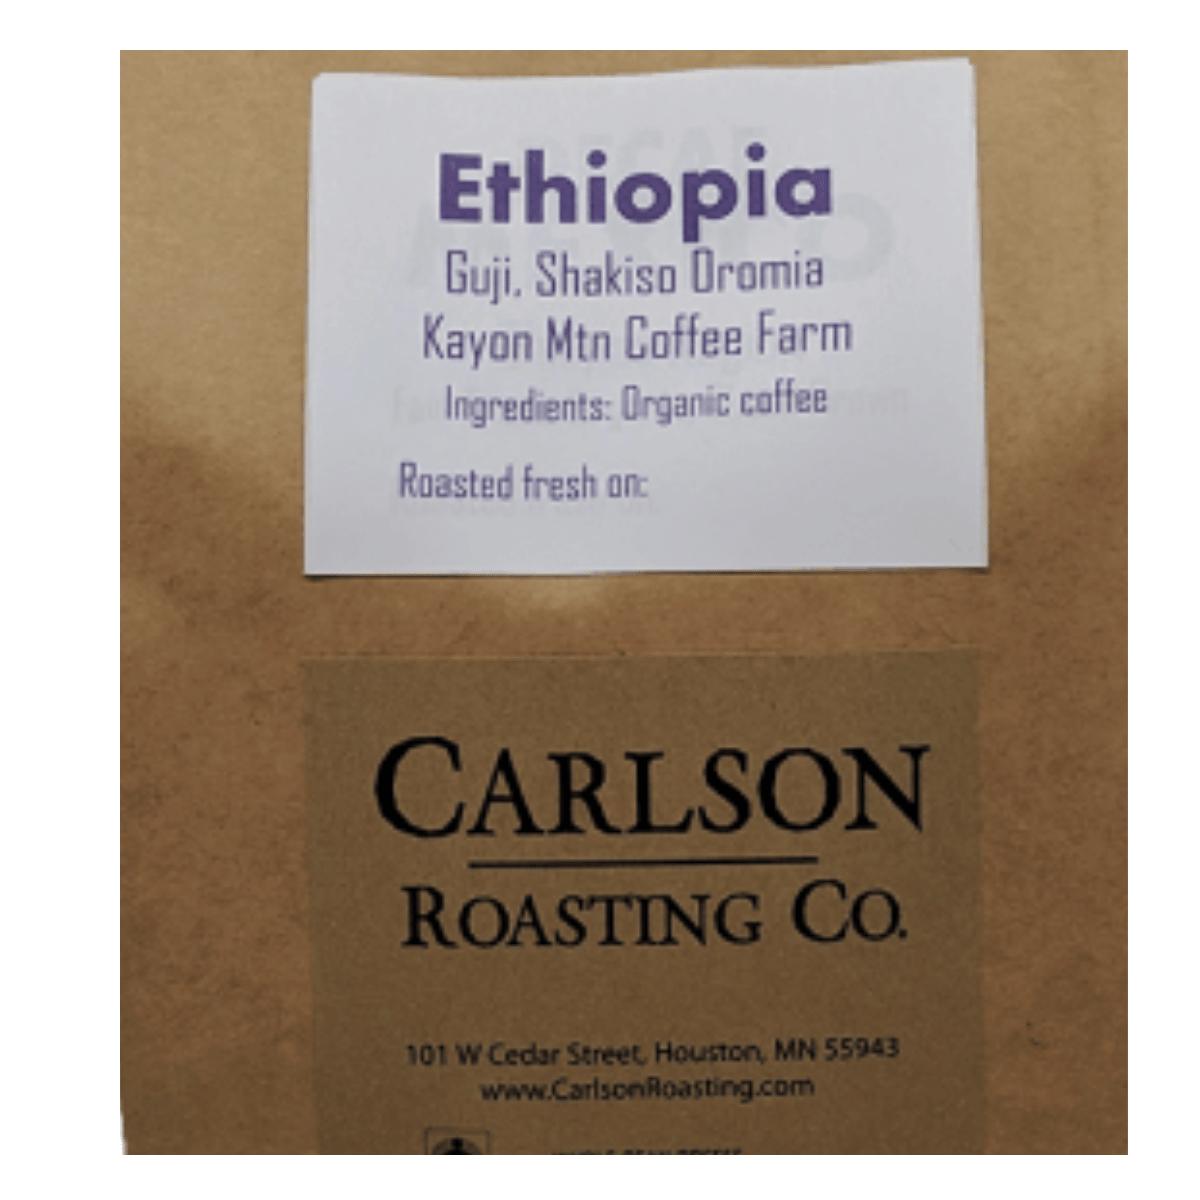 Coffee, Ethiopia Guji